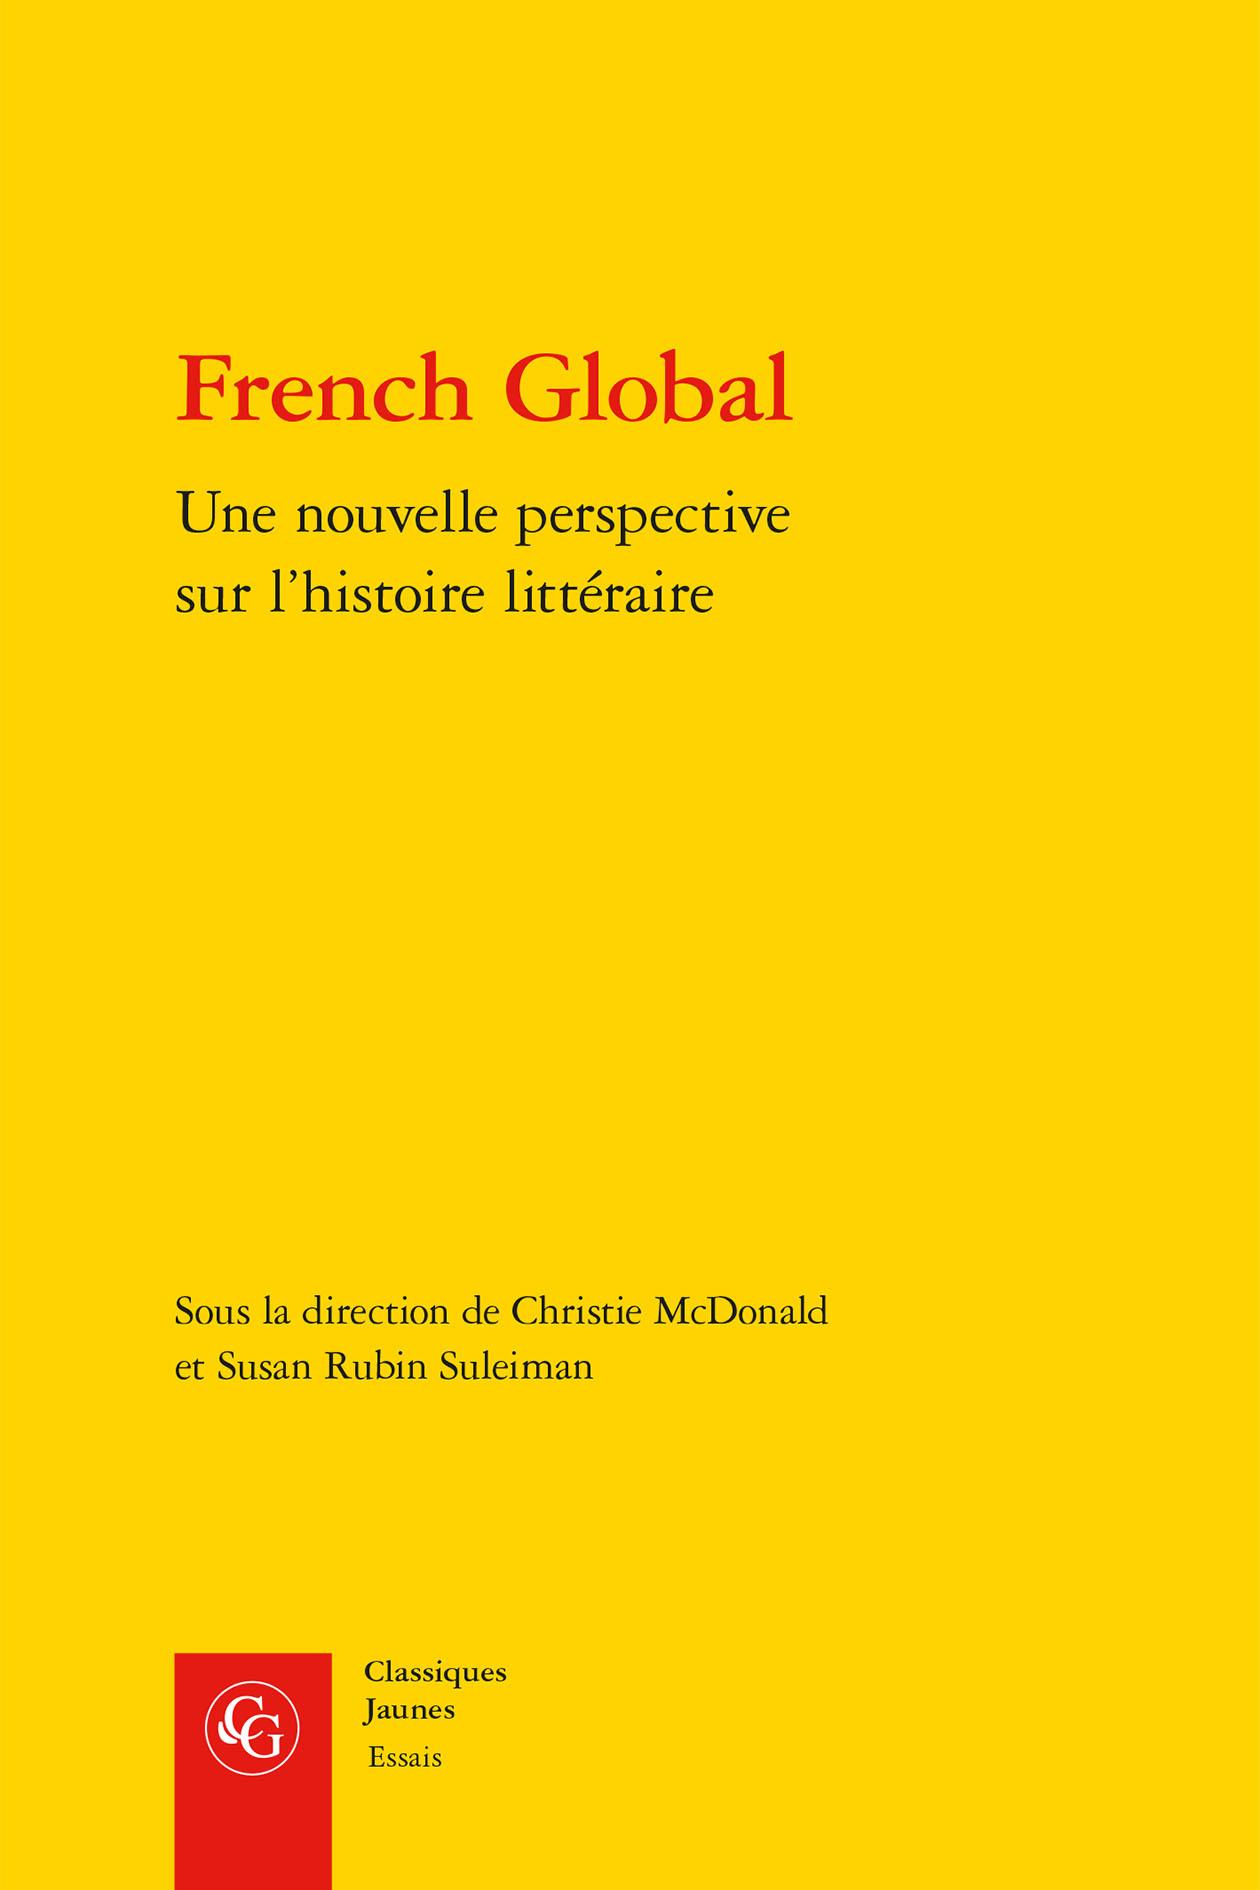 FRENCH GLOBAL NOUVELLE PERSPECTIVE SUR L HISTOIRE LITTERAIRE